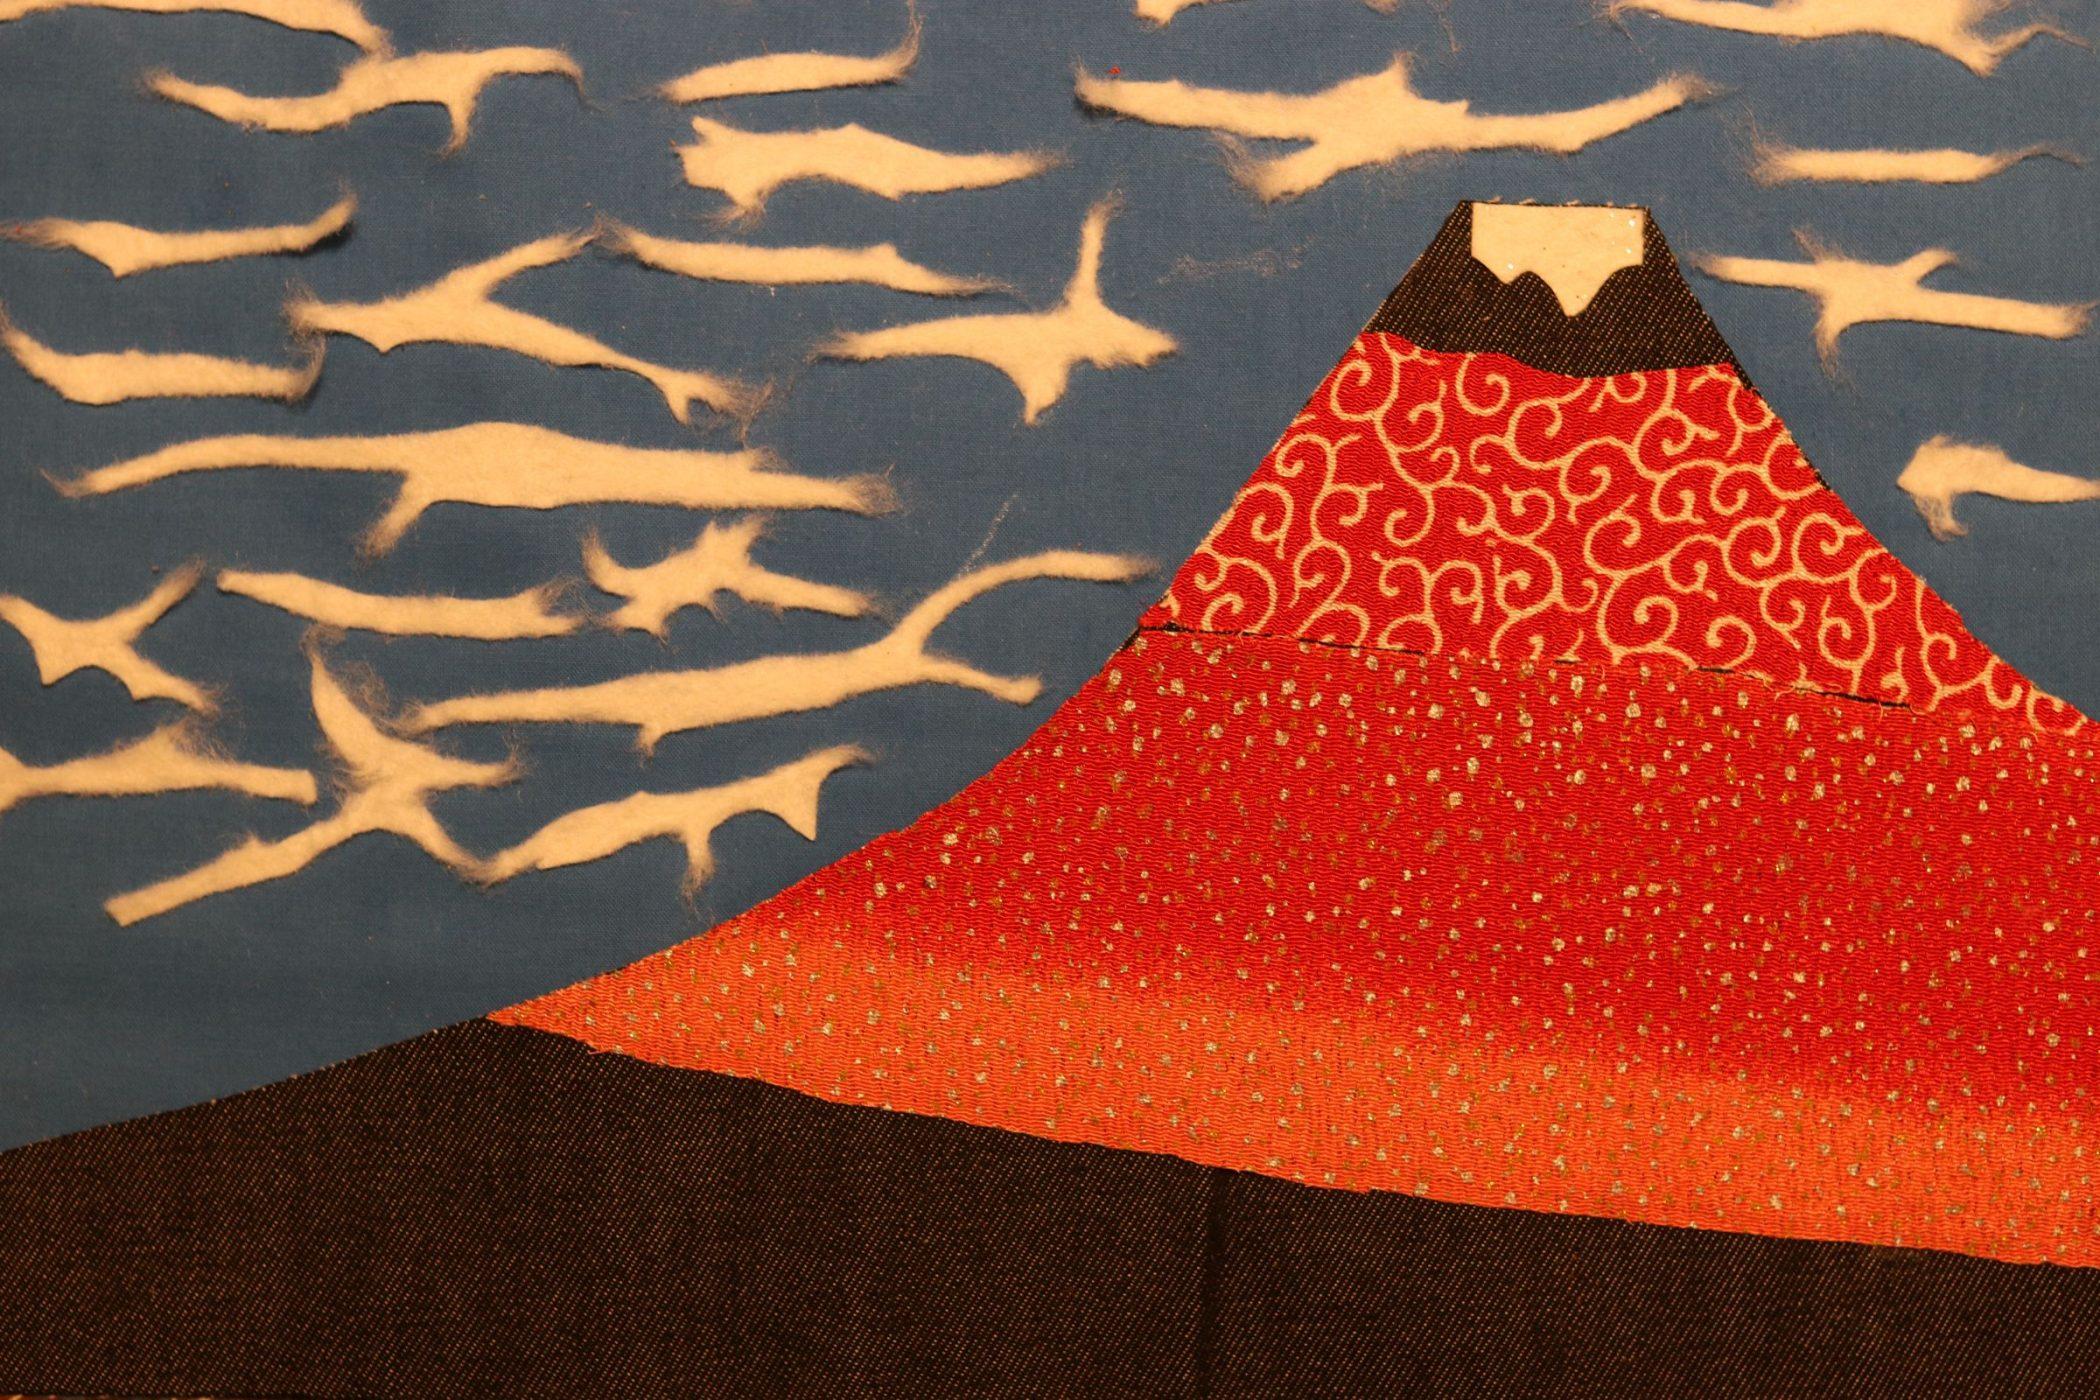 Mount Fuji in late Spring (T.Hashimoto)